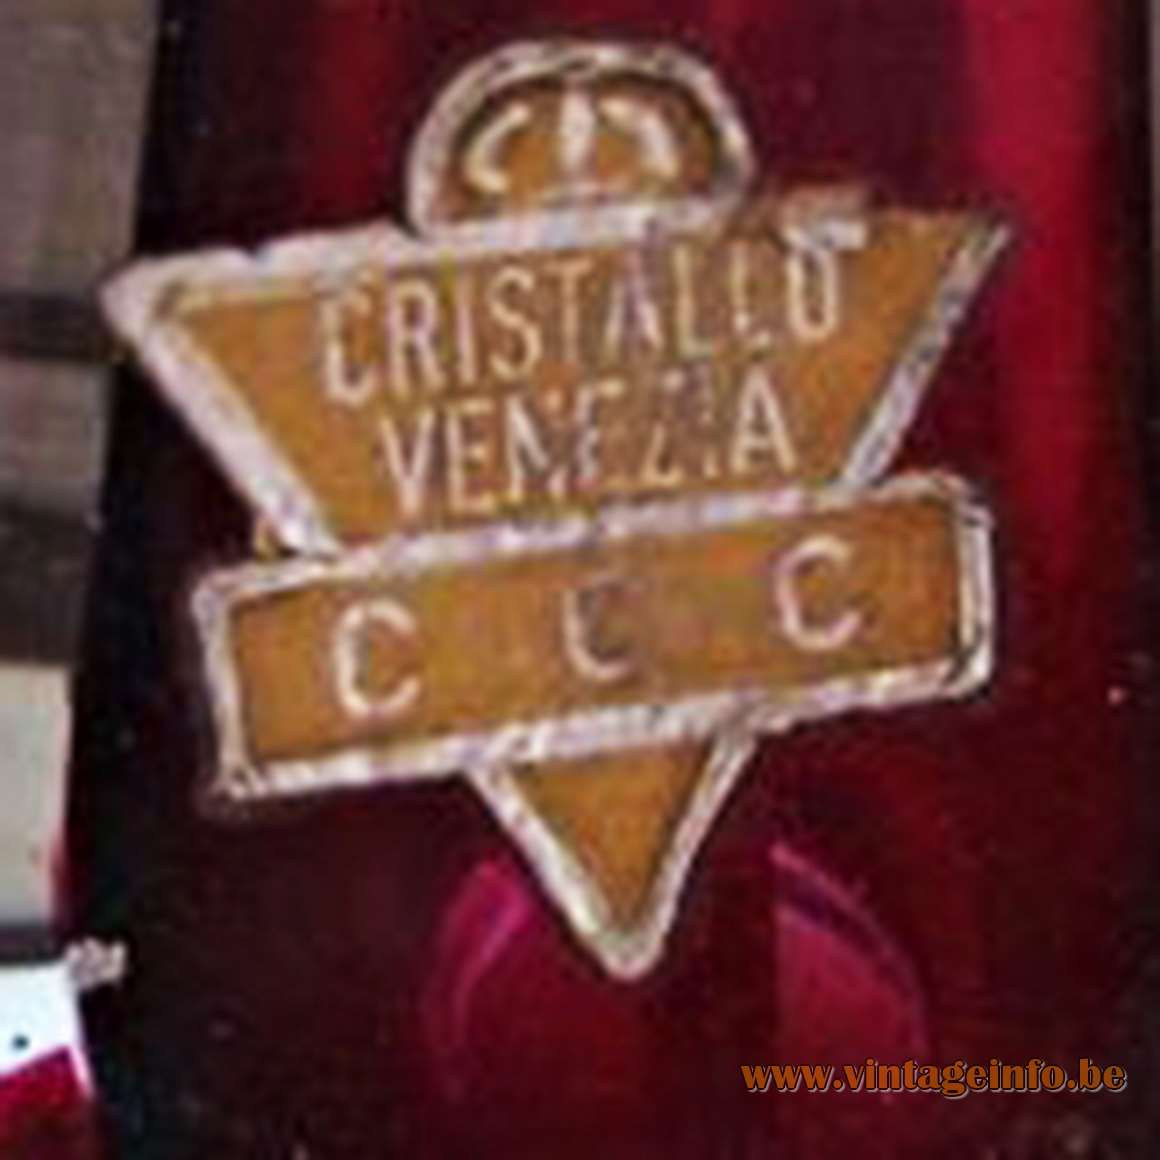 Cristallo Venezia CCC label